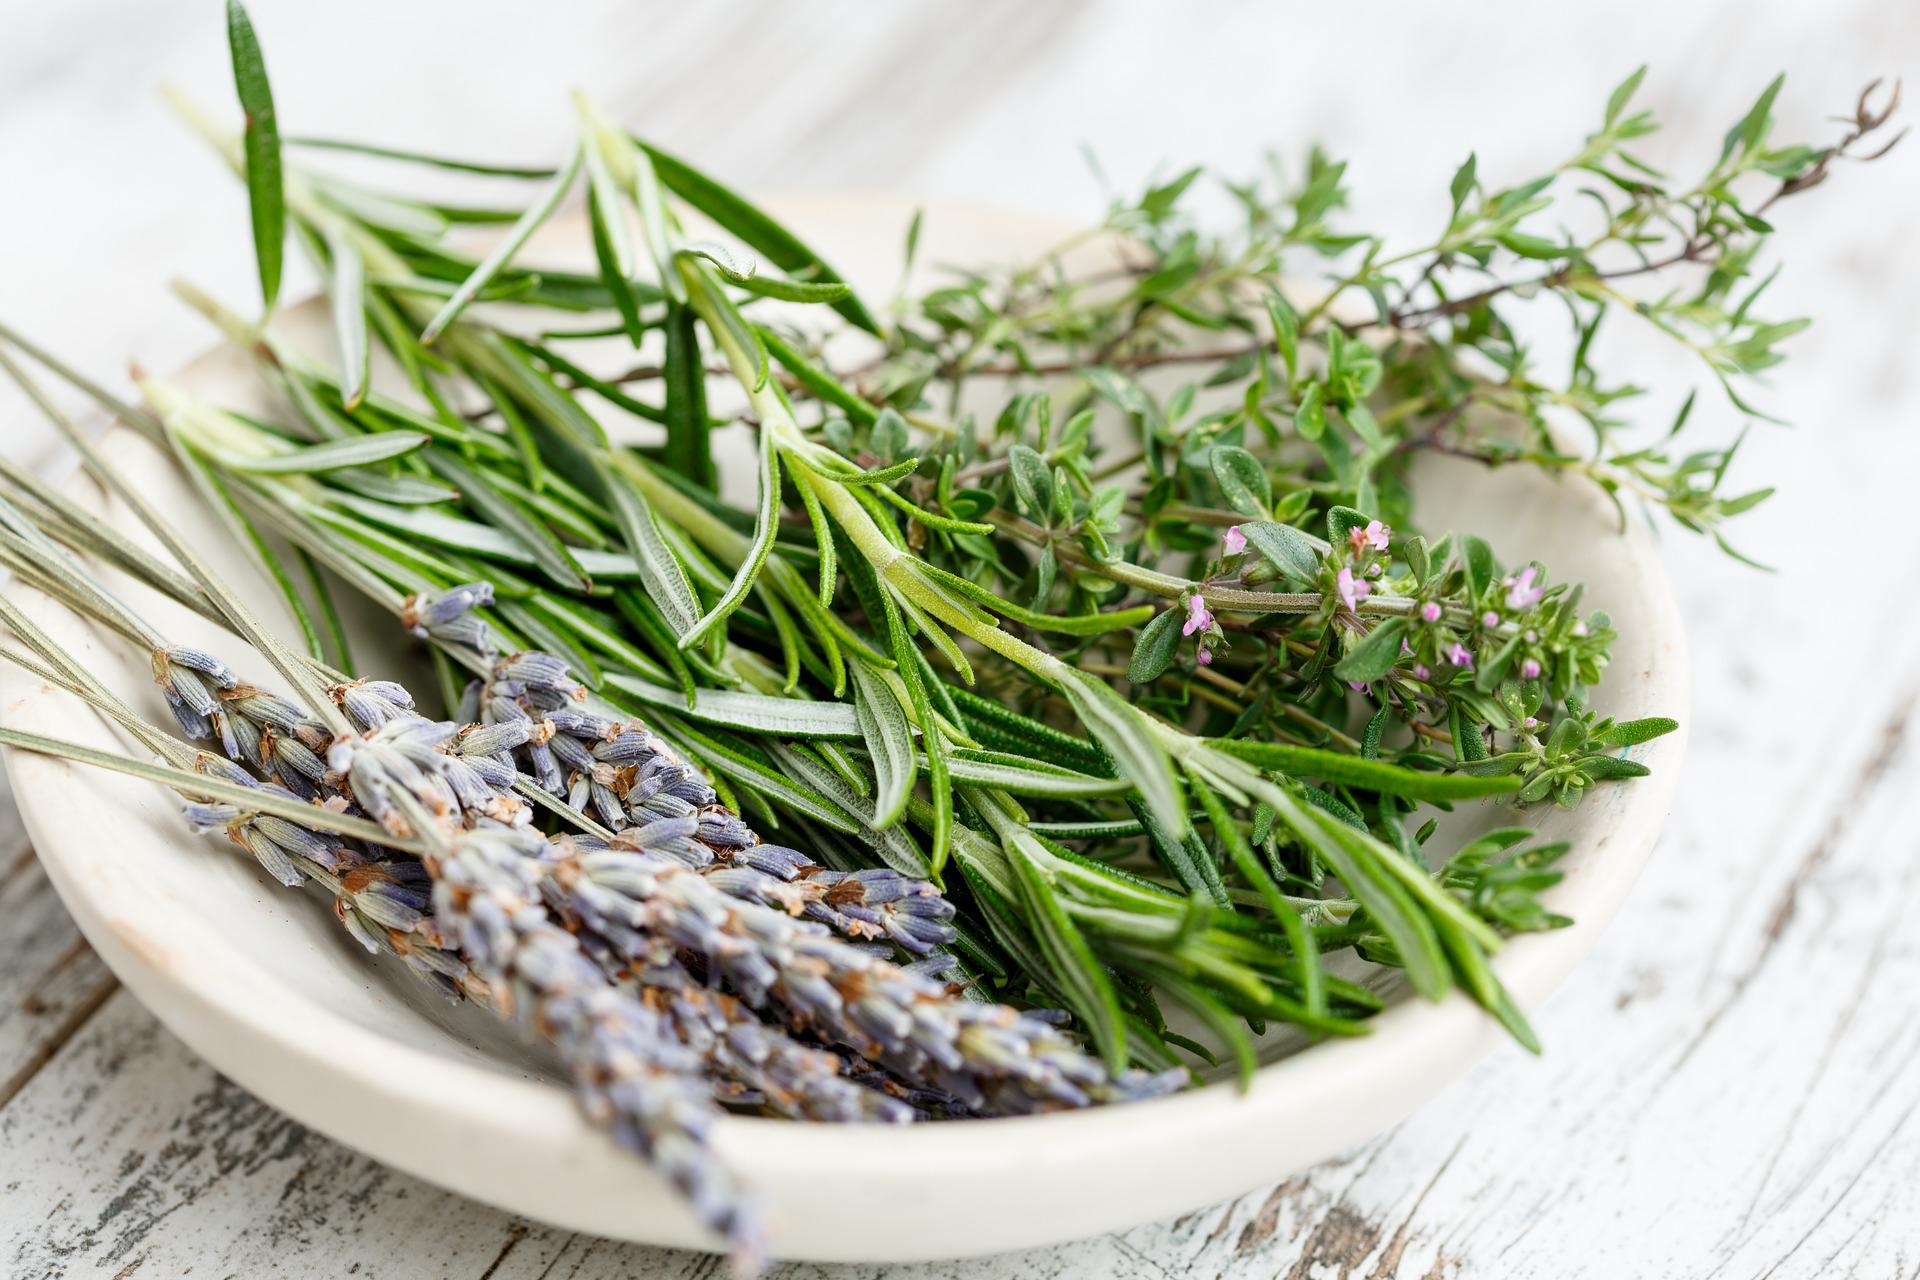 Come Seccare Le Piante come essiccare le erbe aromatiche - autoproduciamo